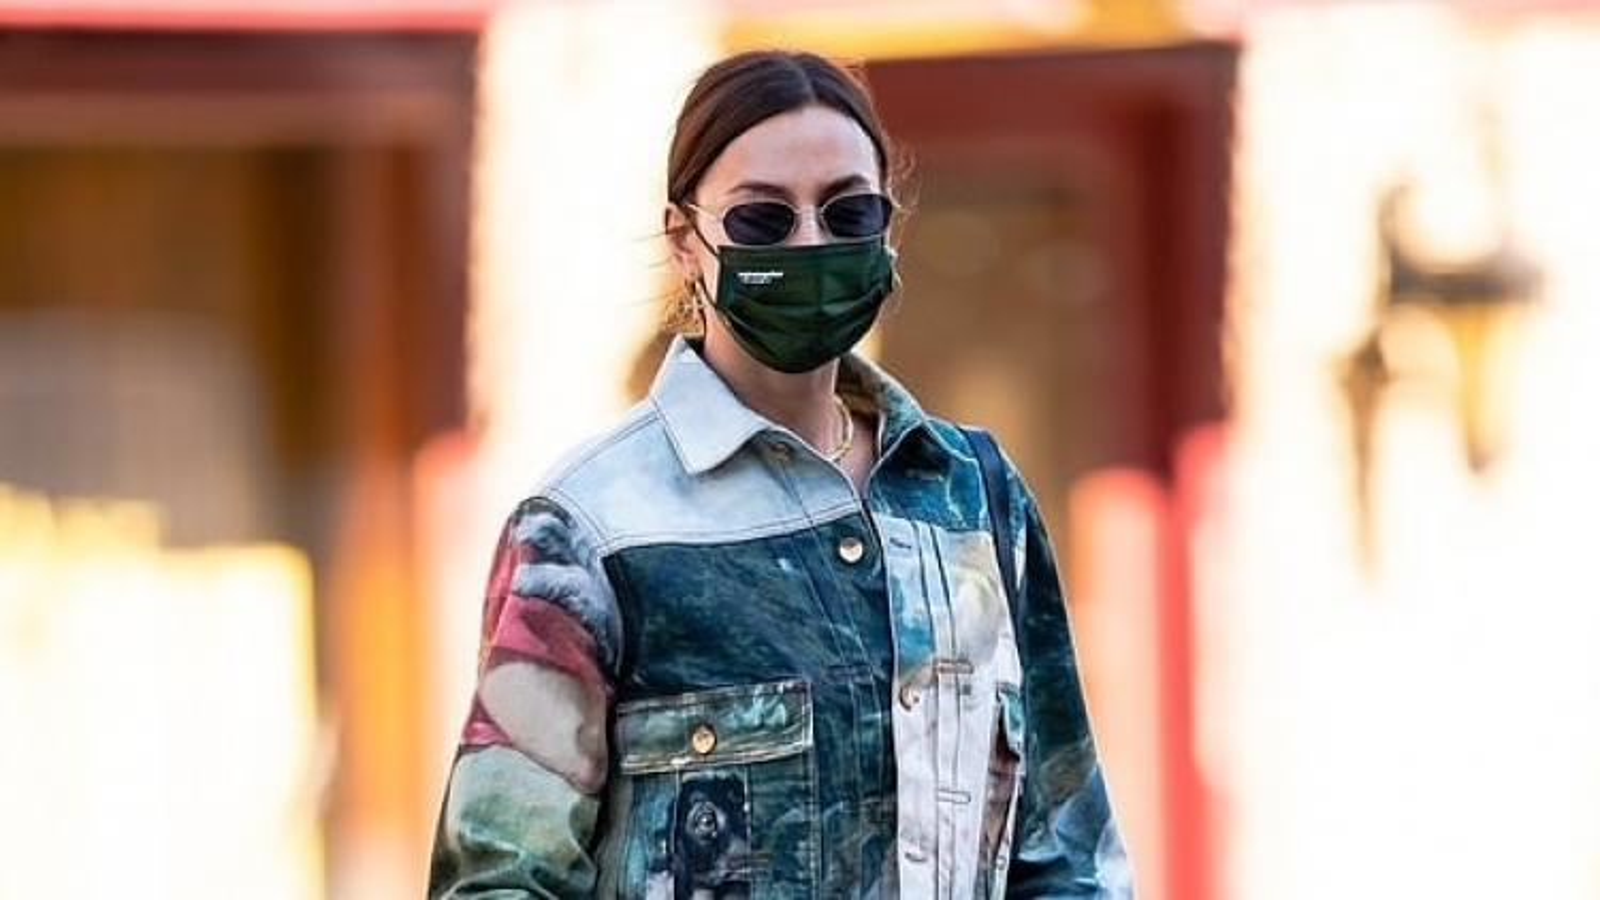 Siêu mẫu Irina Shayk diện trang phục denim họa tiết bắt mắt ra phố cùng con gái cưng